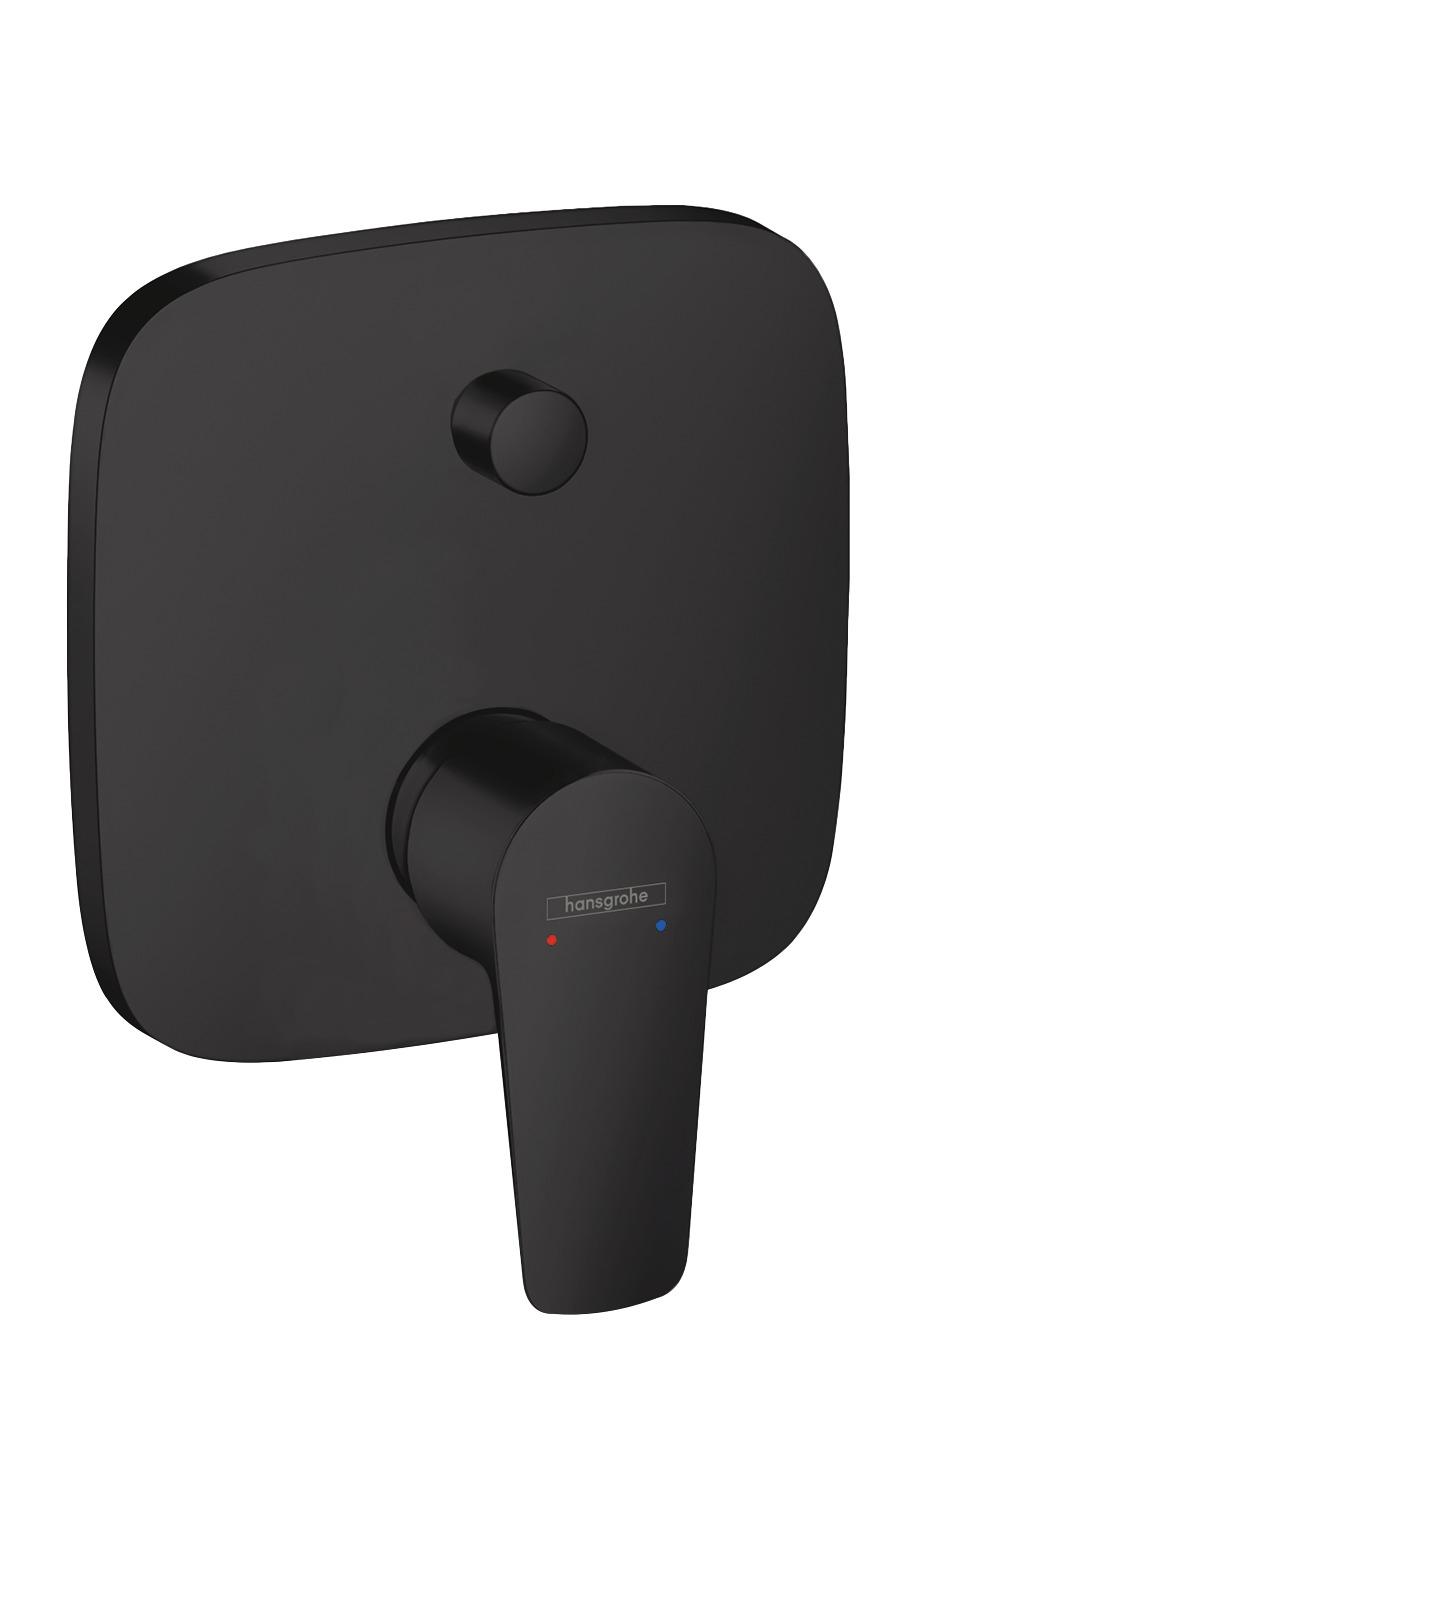 Смеситель hansgrohe Talis E для ванны, однорычажный, СМ, матовый черный 71745670